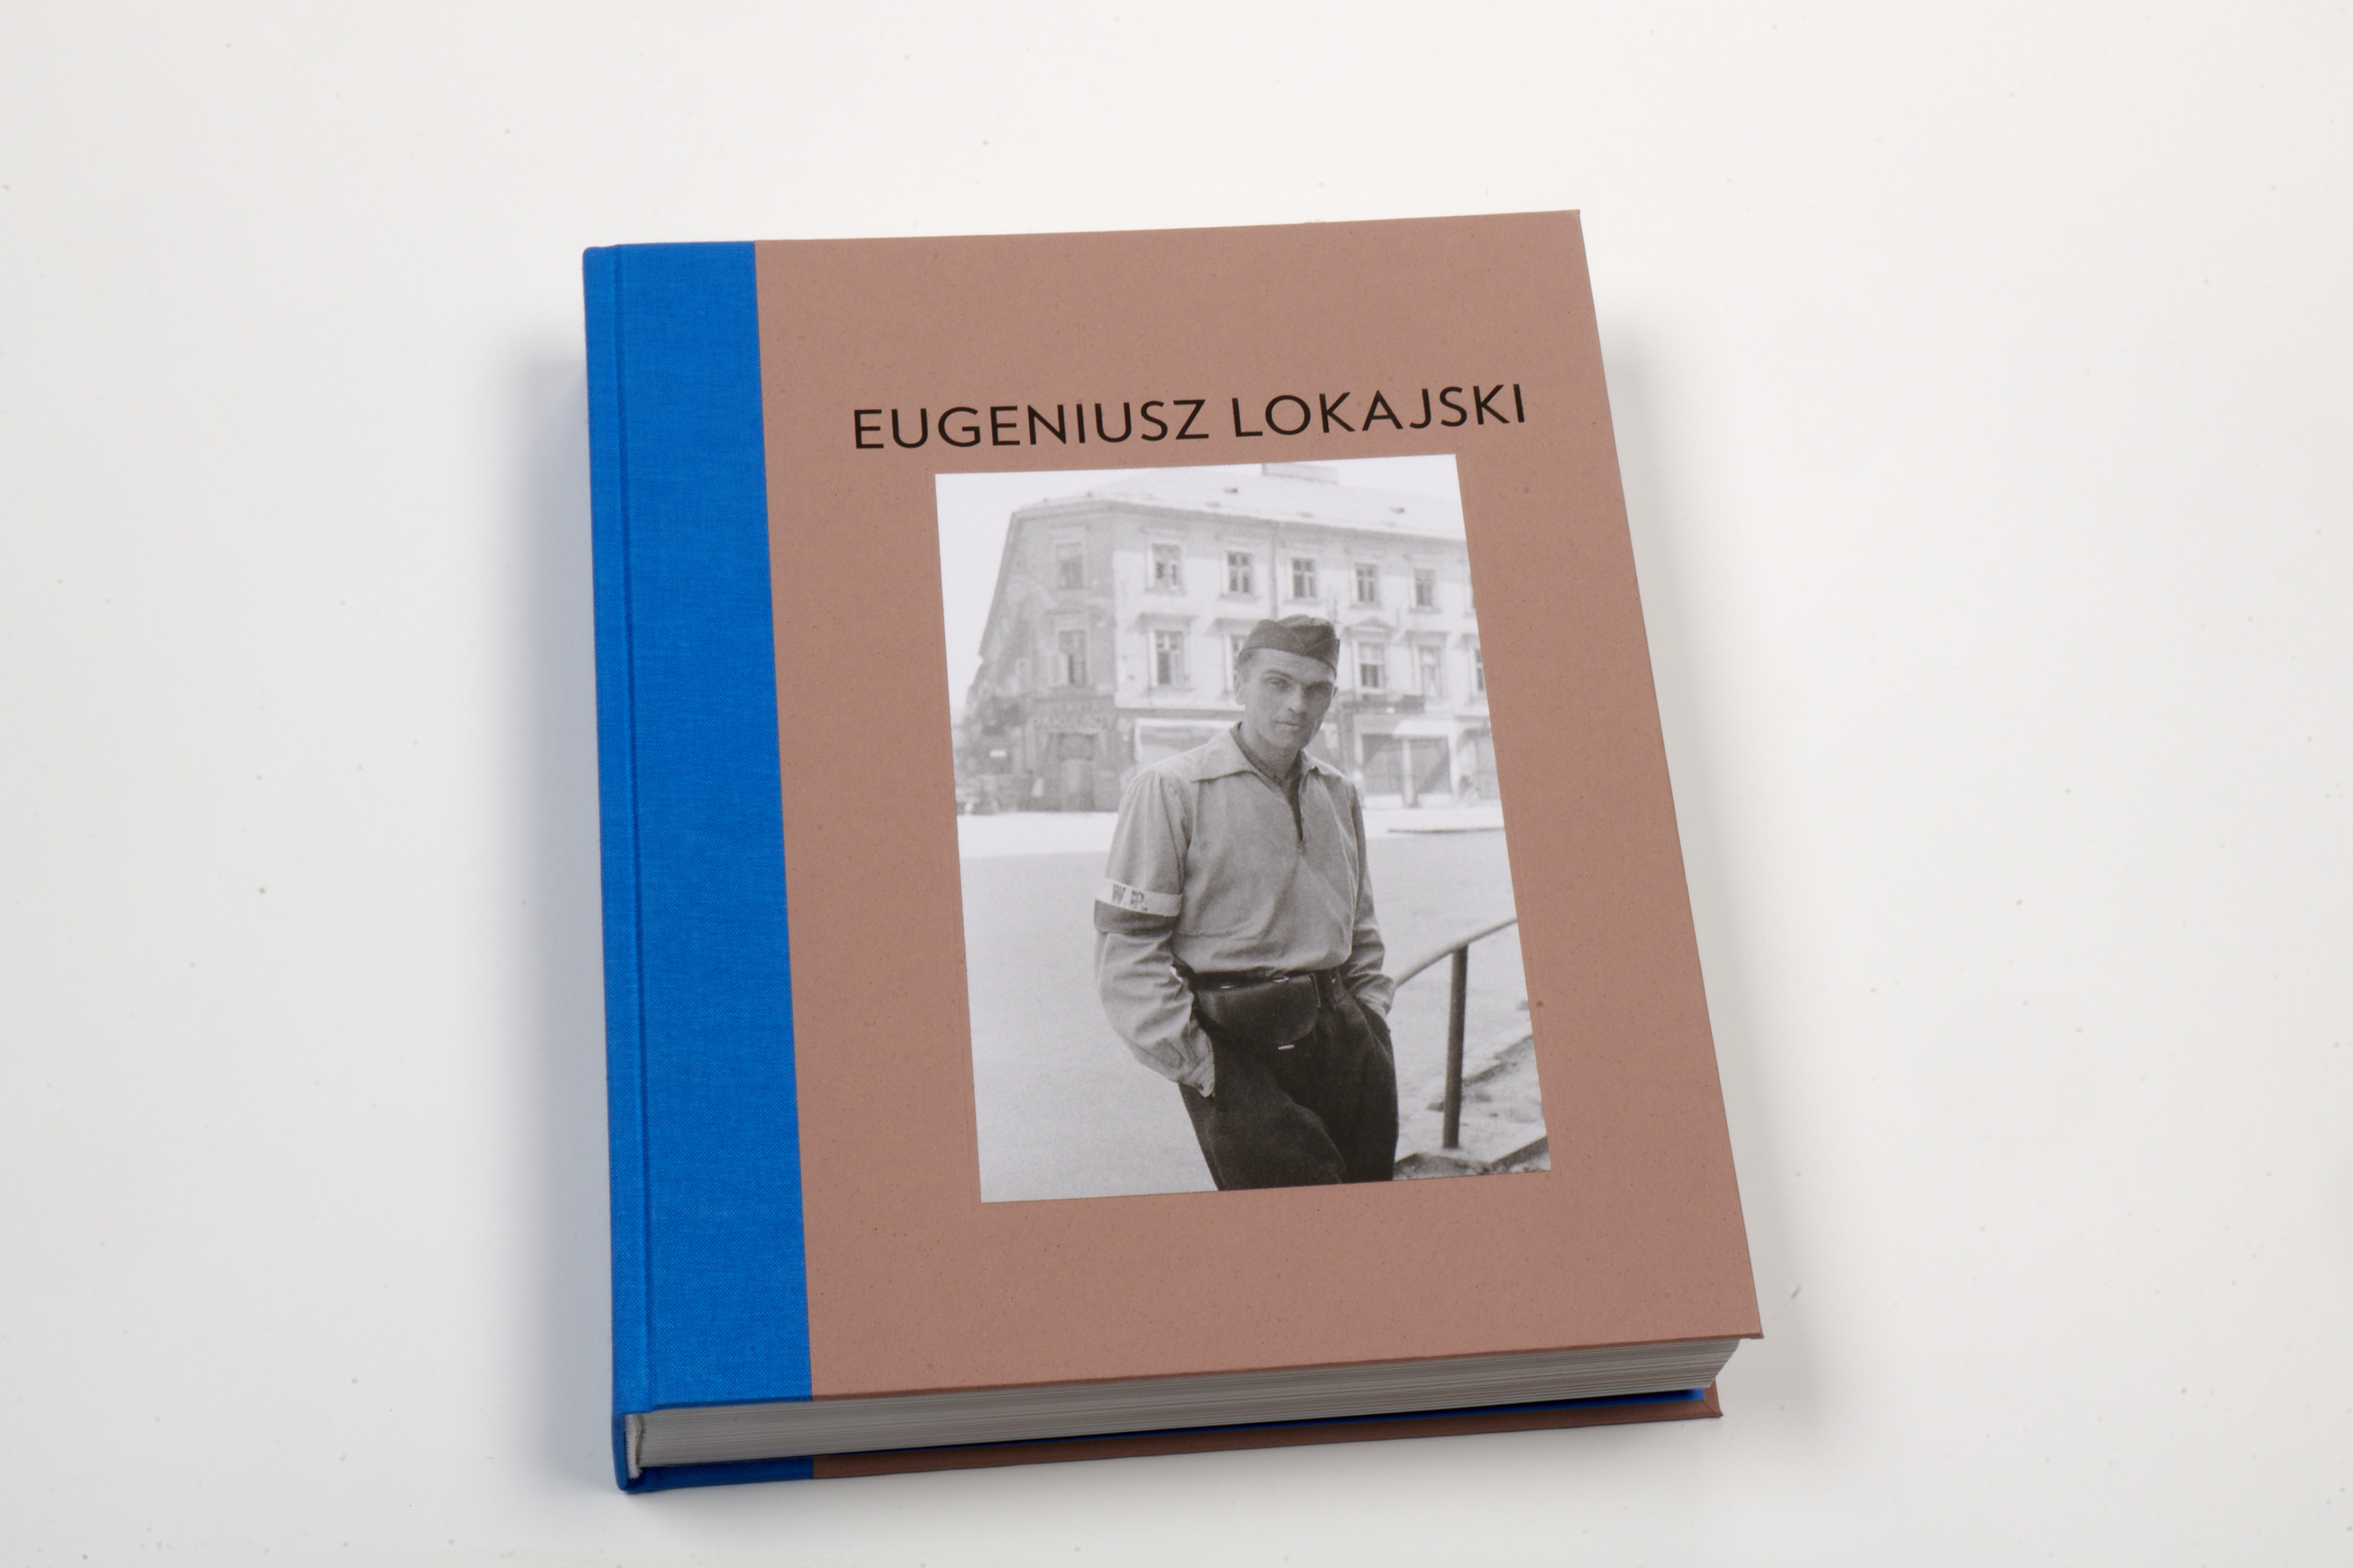 """Eugeniusz Lokajski """"Brok"""" album (opr.zbiorowe)"""